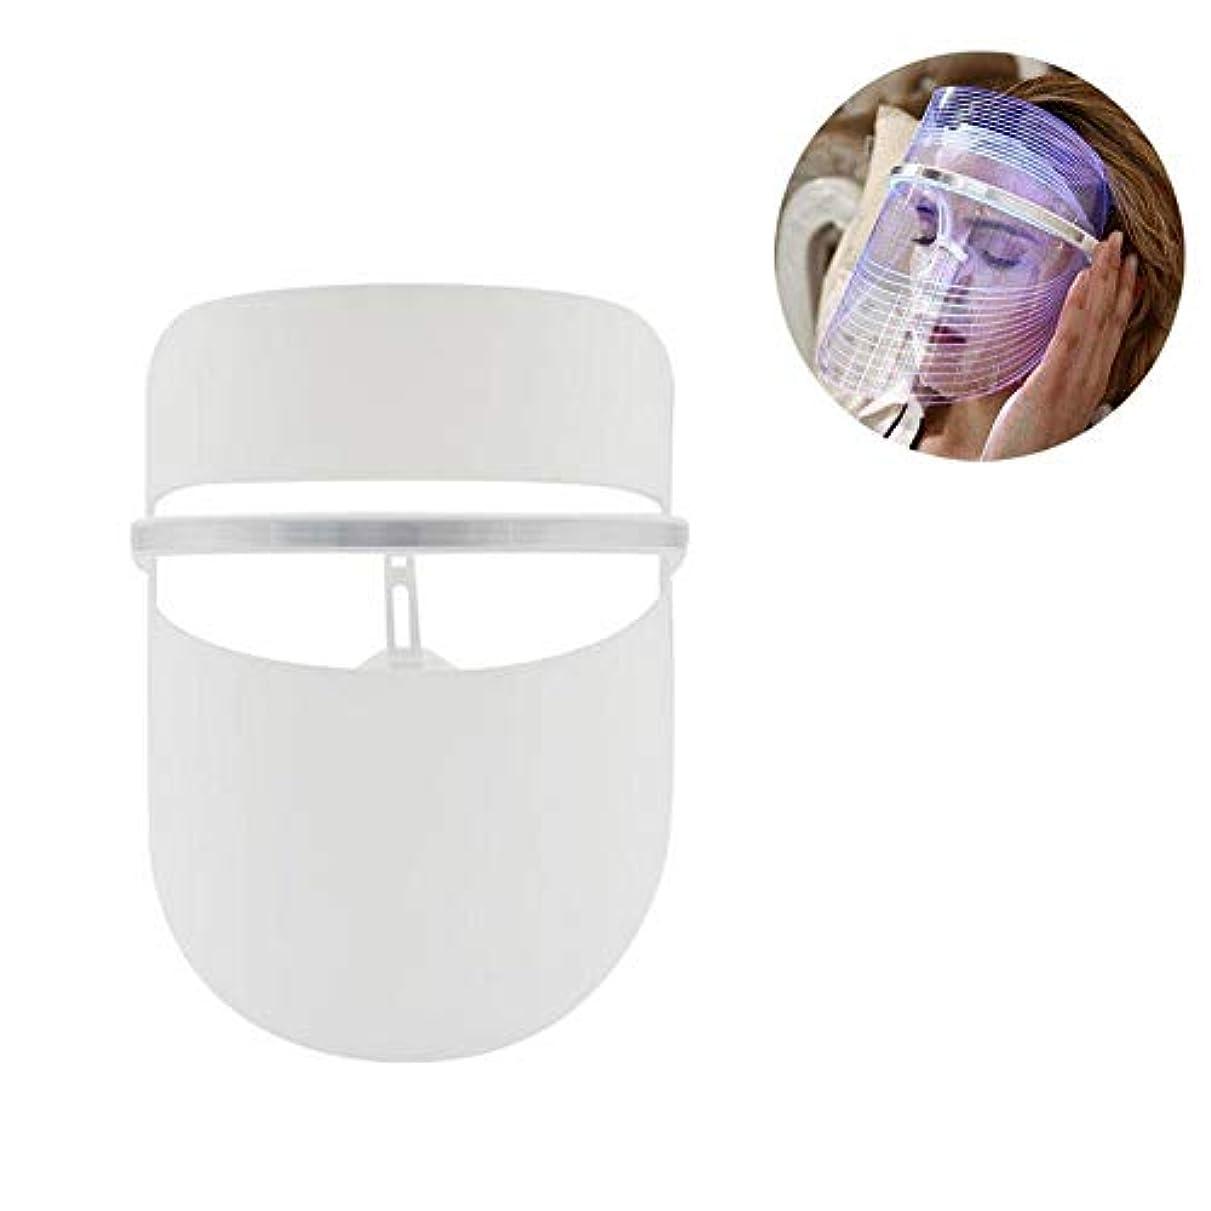 許す行方不明シリアル3色LEDライトフェイスマスクしわ除去フェイシャルライトセラピーアンチエイジングシワフェイシャルスキンケアマスク